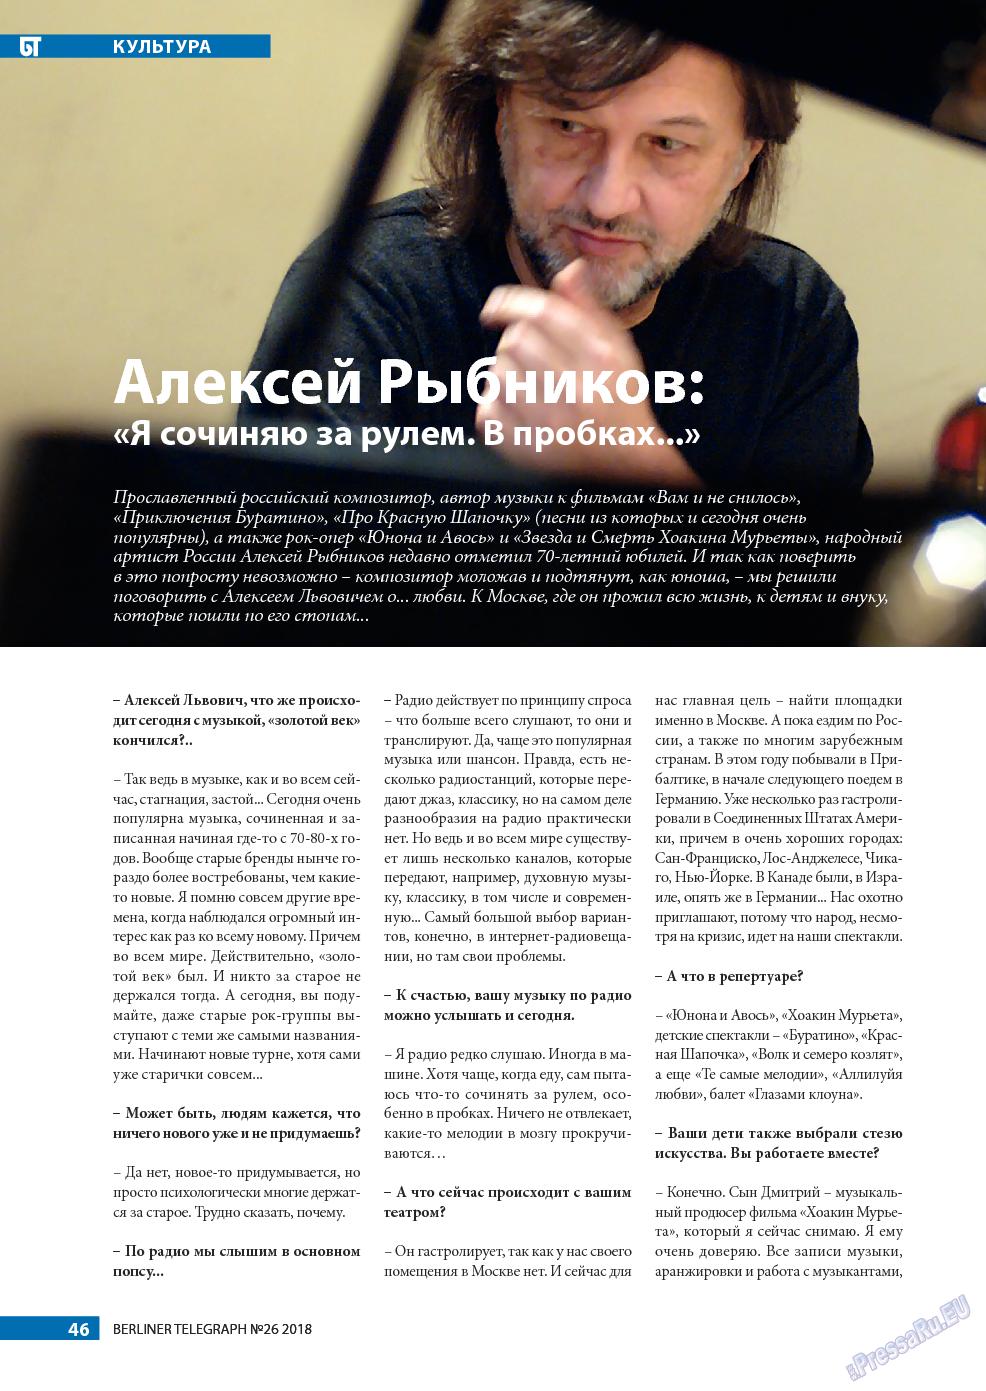 Берлинский телеграф (журнал). 2018 год, номер 26, стр. 46